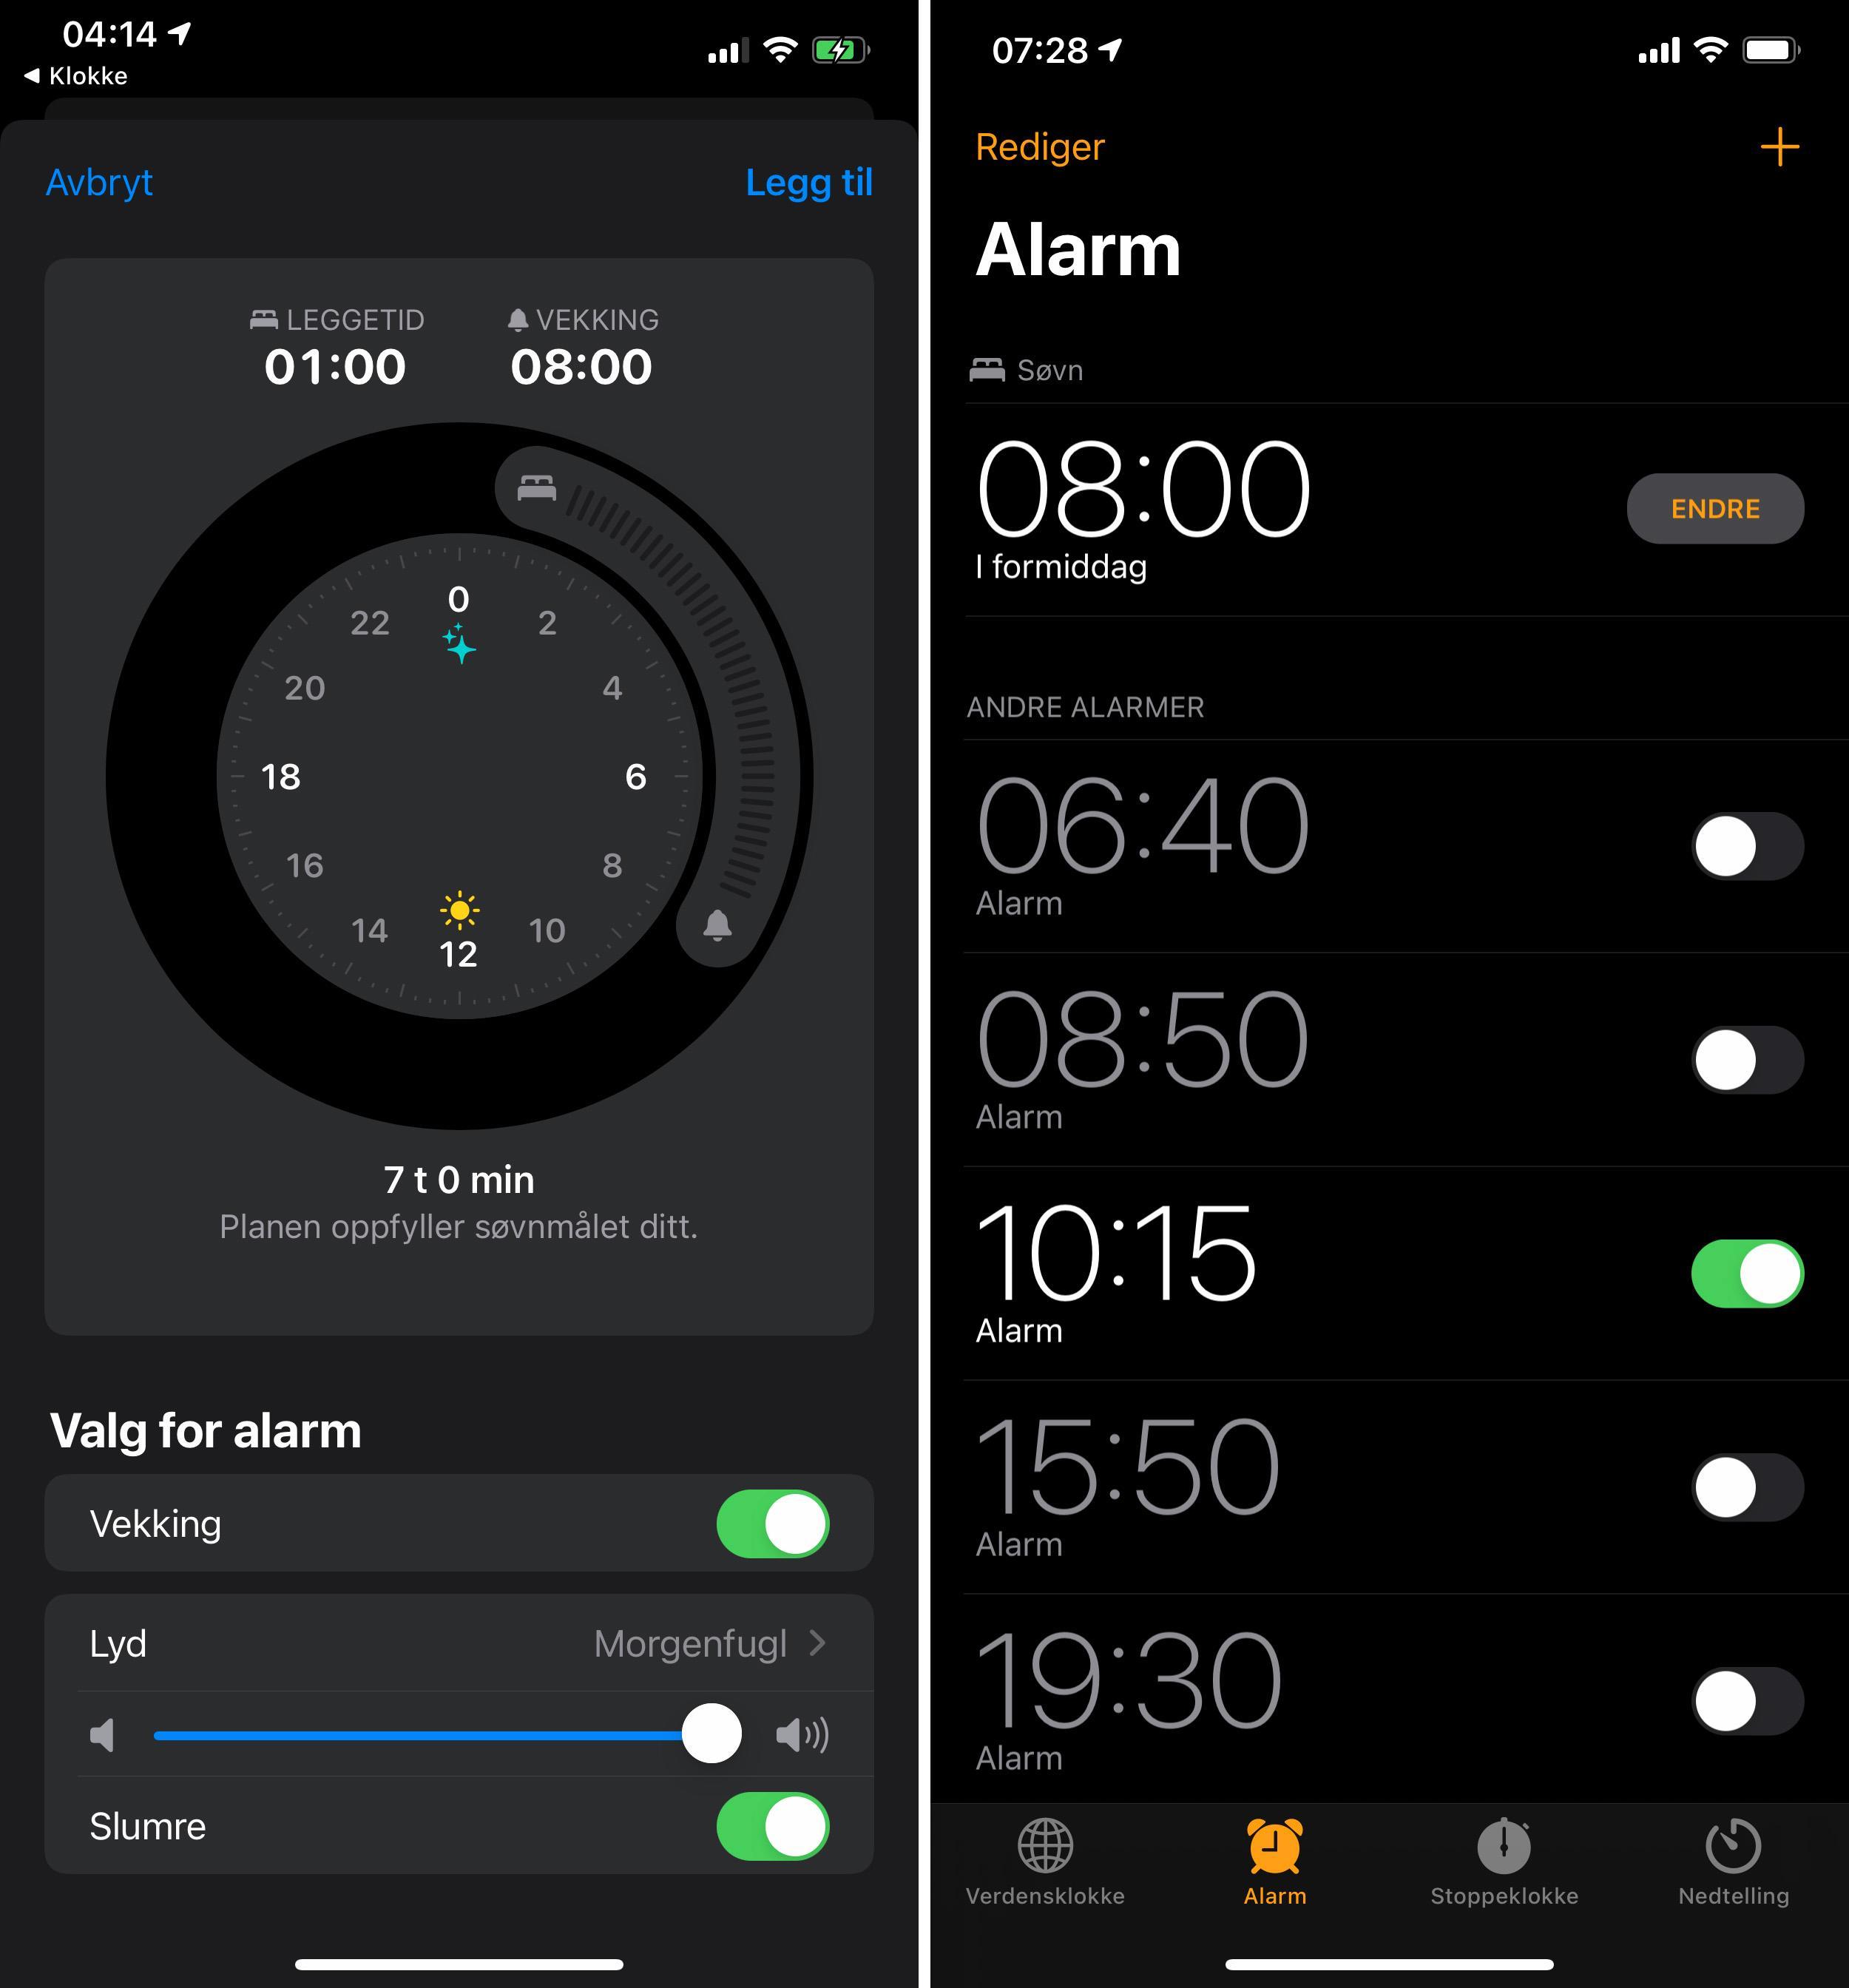 iOS 14 skal hjelpe til med søvnen også. En egen hjelper skal prøve å dytte deg til sengs på kveldene, og telefonen kvitterer med «Sov godt» på låseskjermen i perioden du regner med å skulle sove.